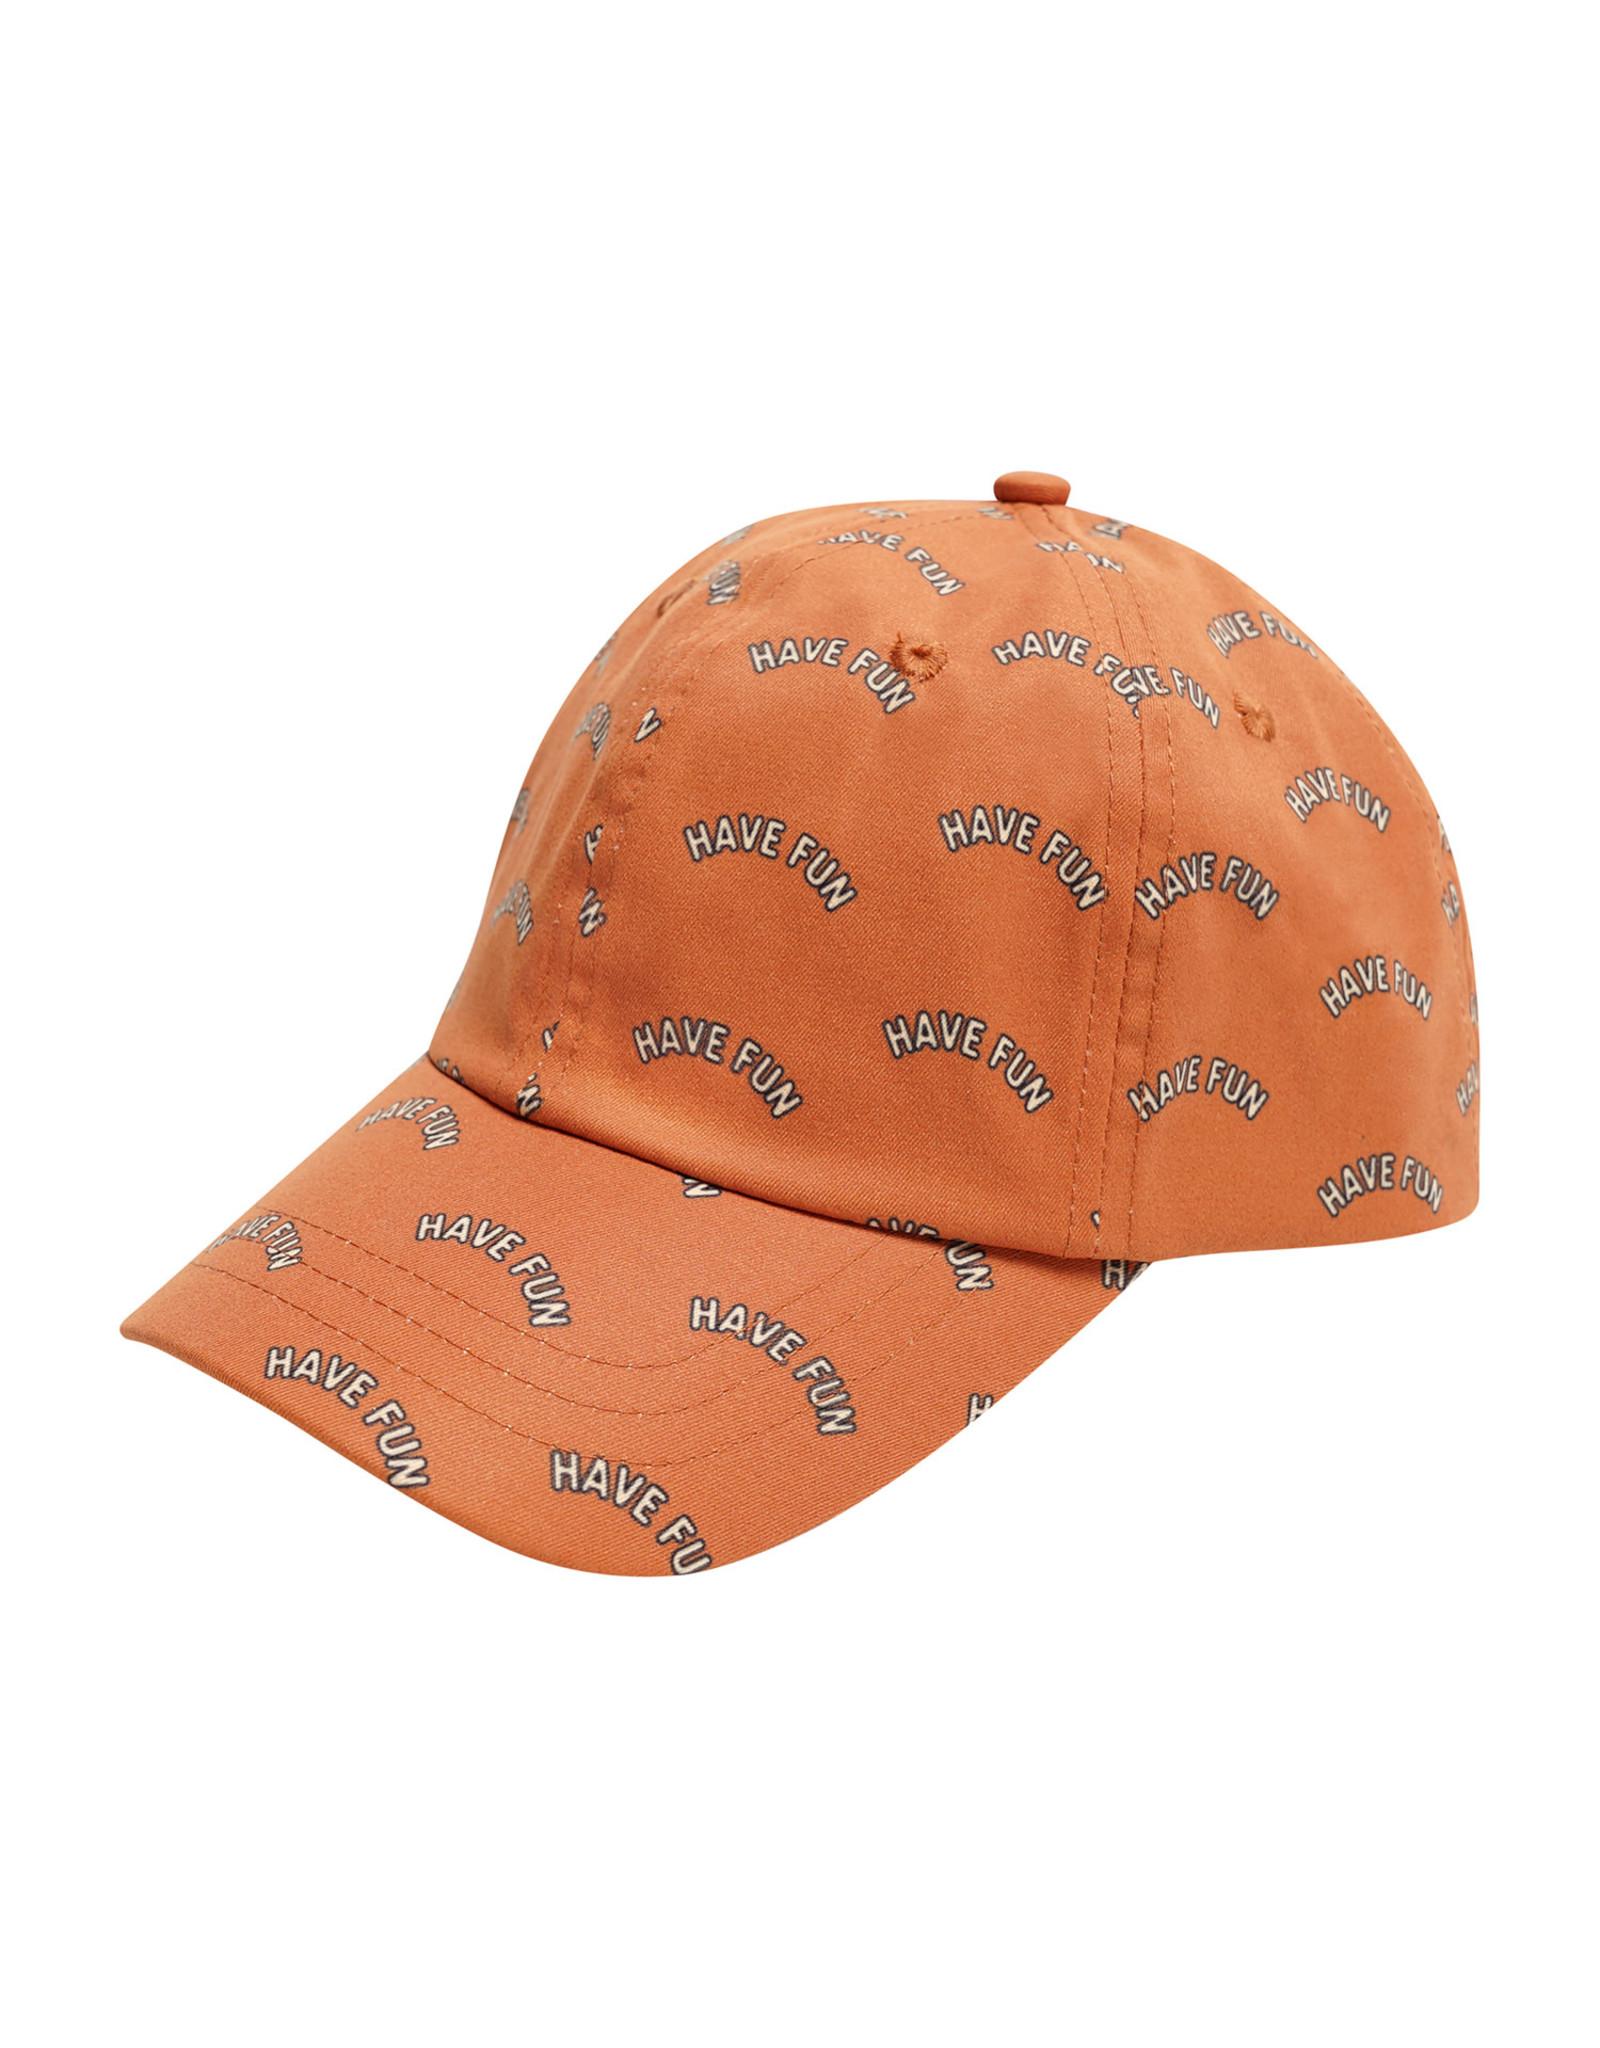 Carlijn Q Carlijn Q Have Fun - Cotton Cap